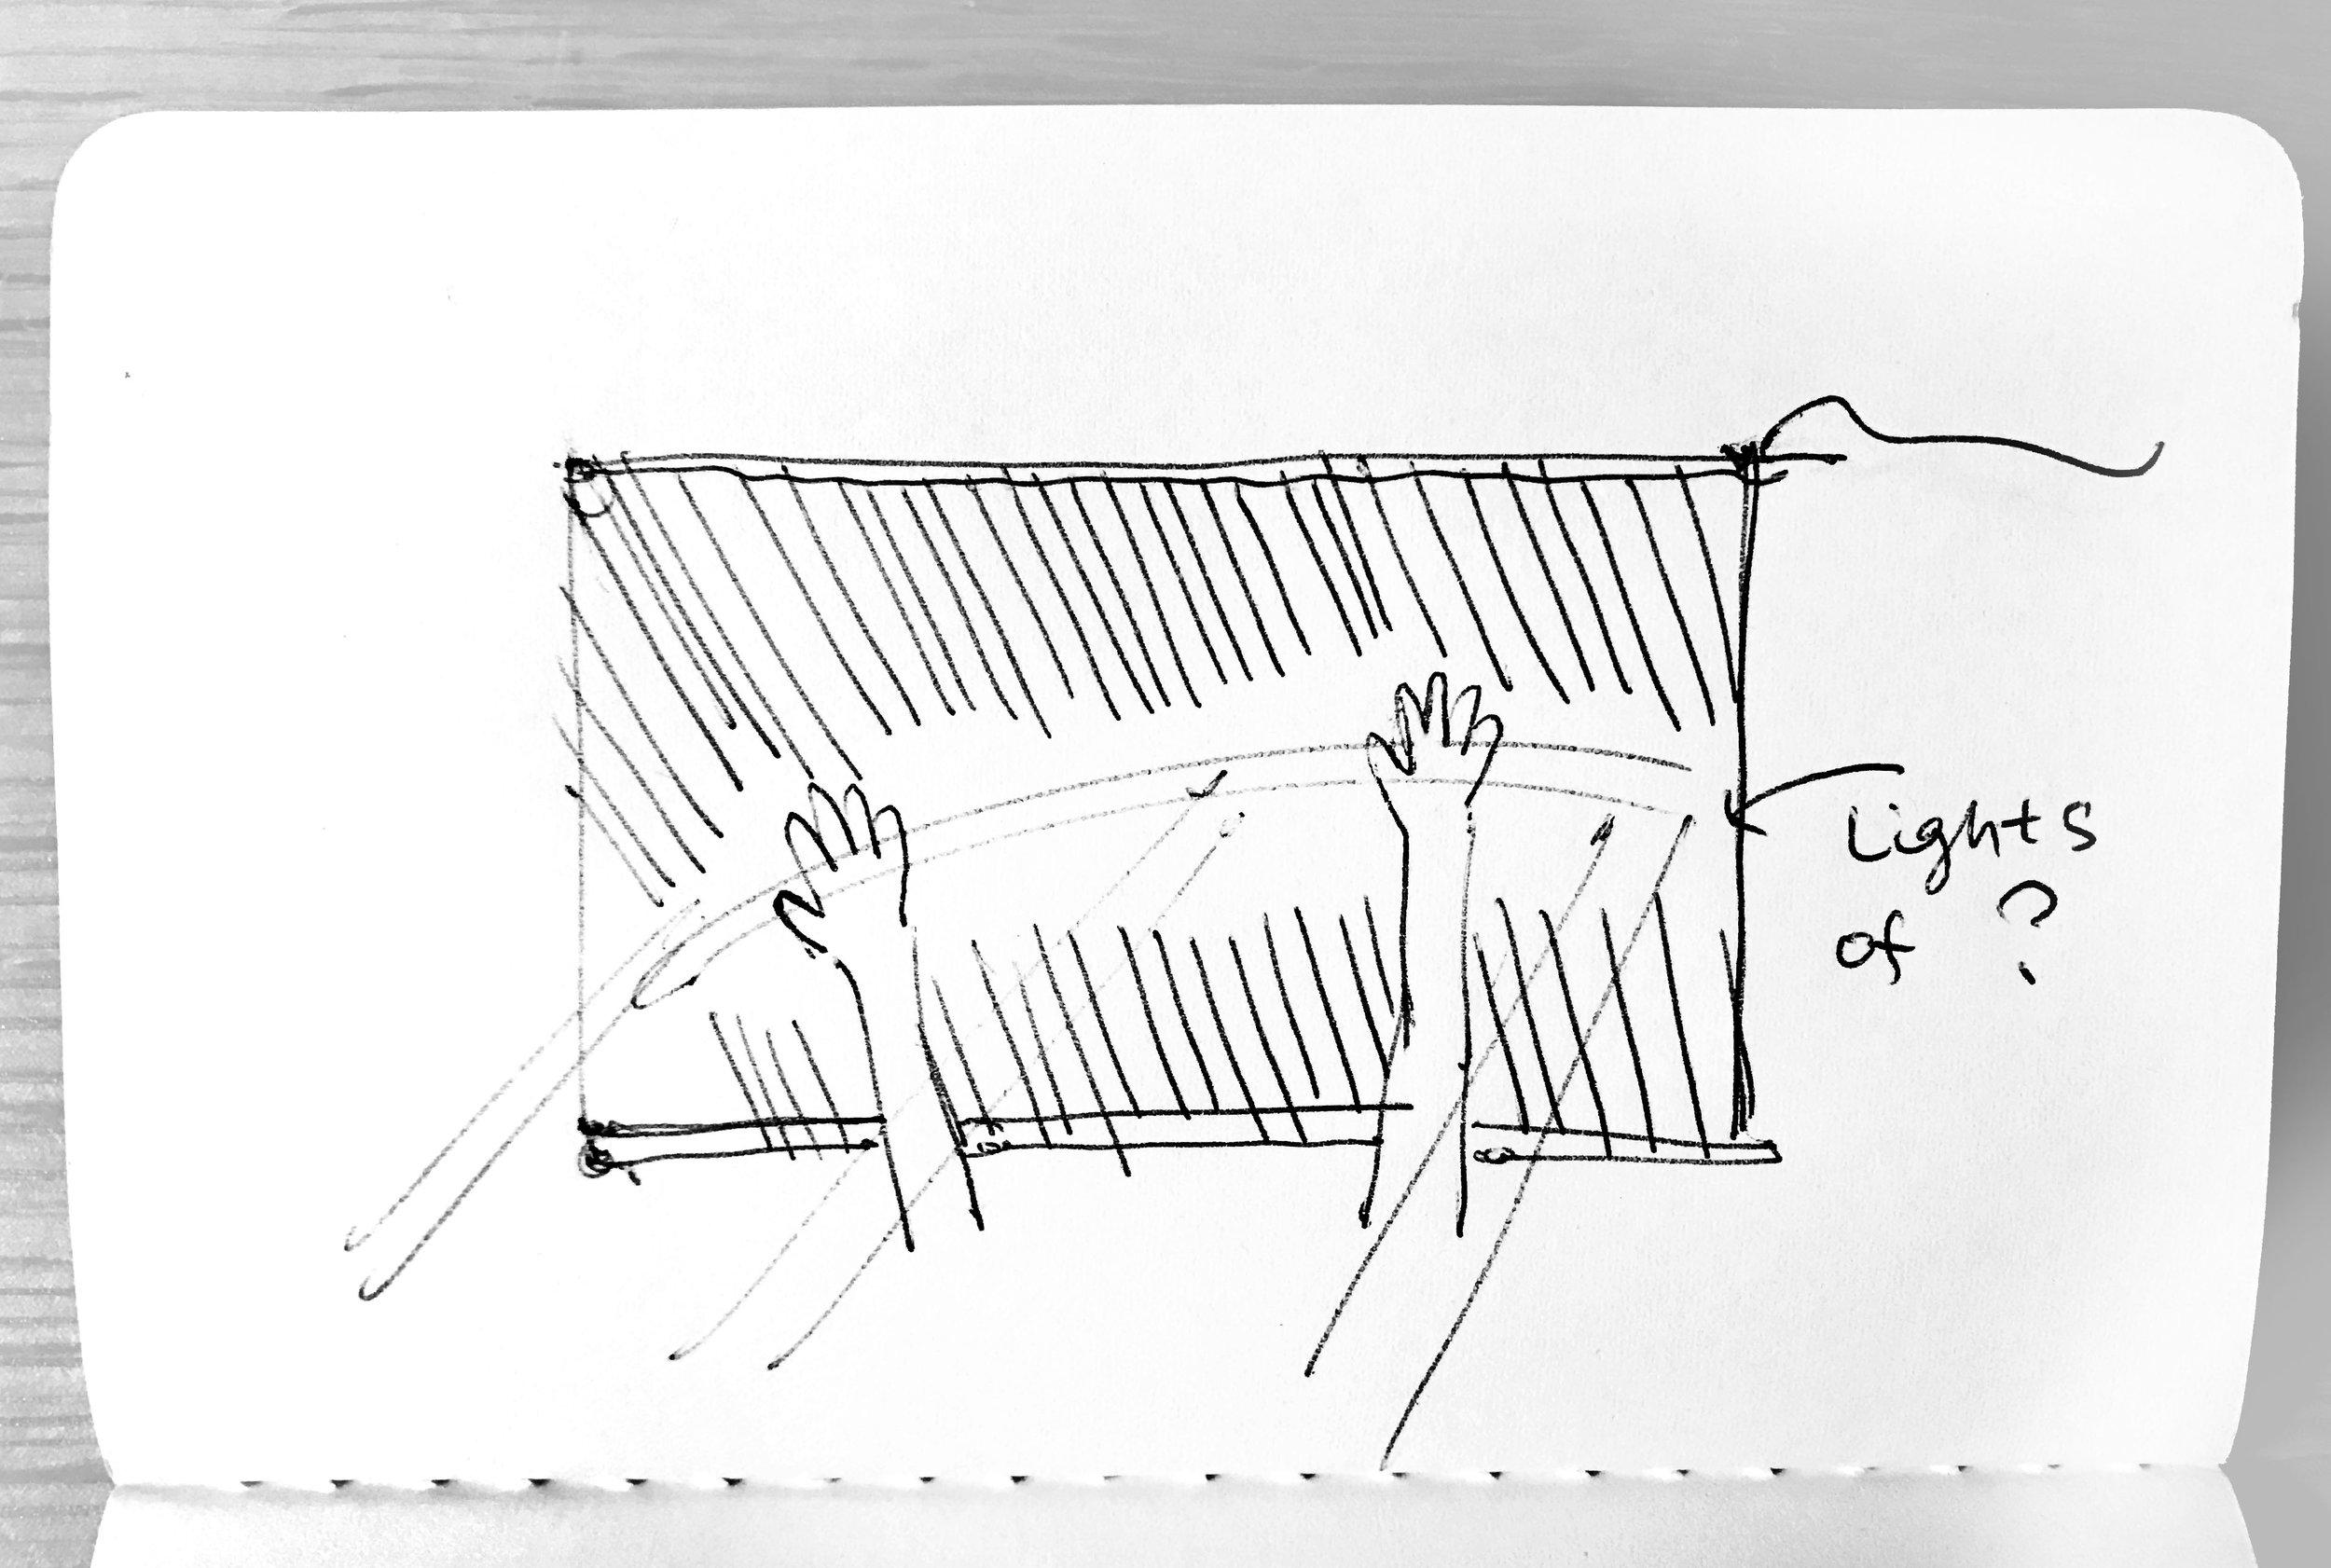 Sketch by Honghao Deng